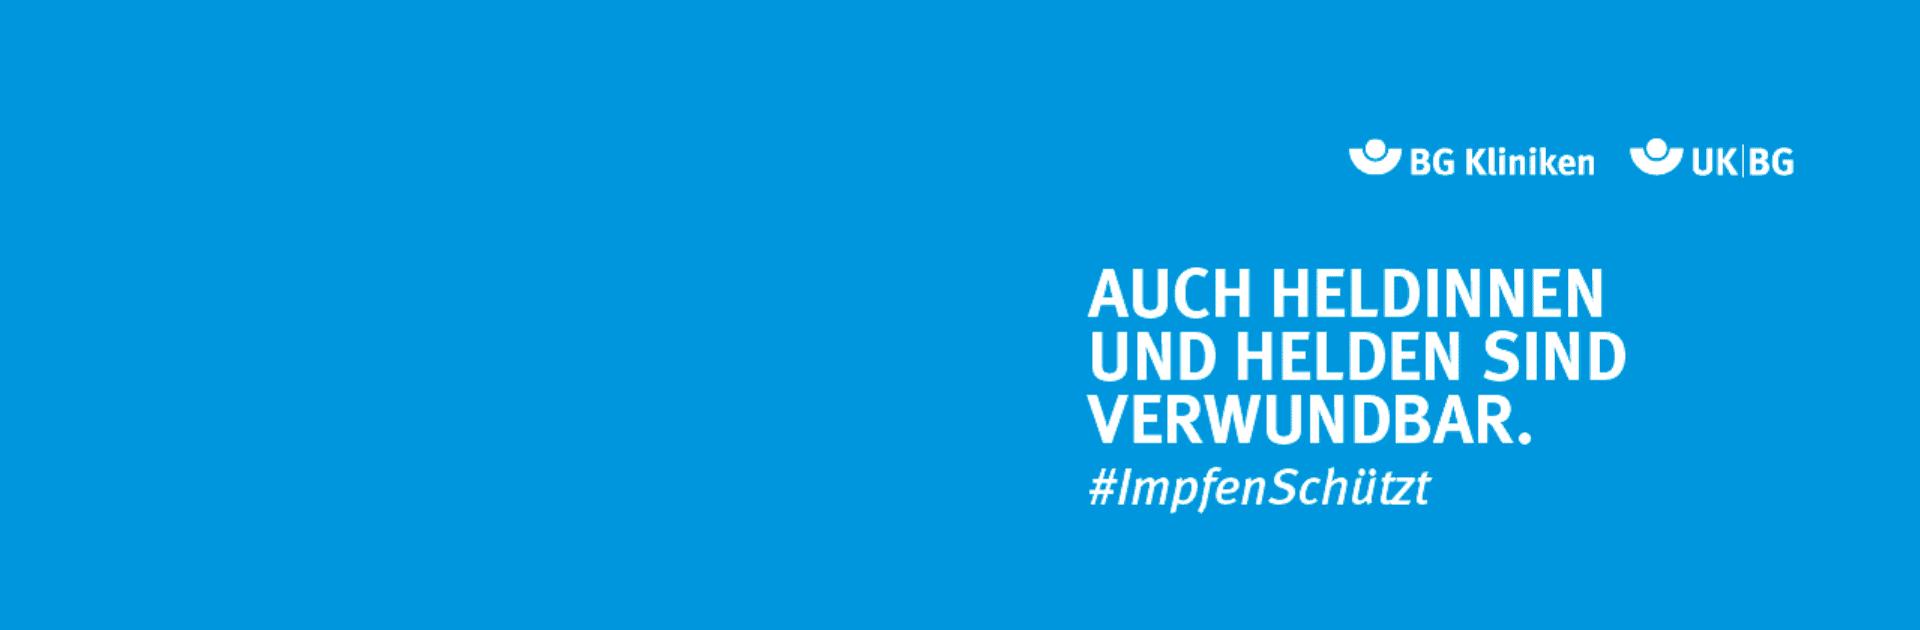 #ImpfenSchützt: Gesetzliche Unfallversicherung startet Aktion zur COVID-19-Impfung